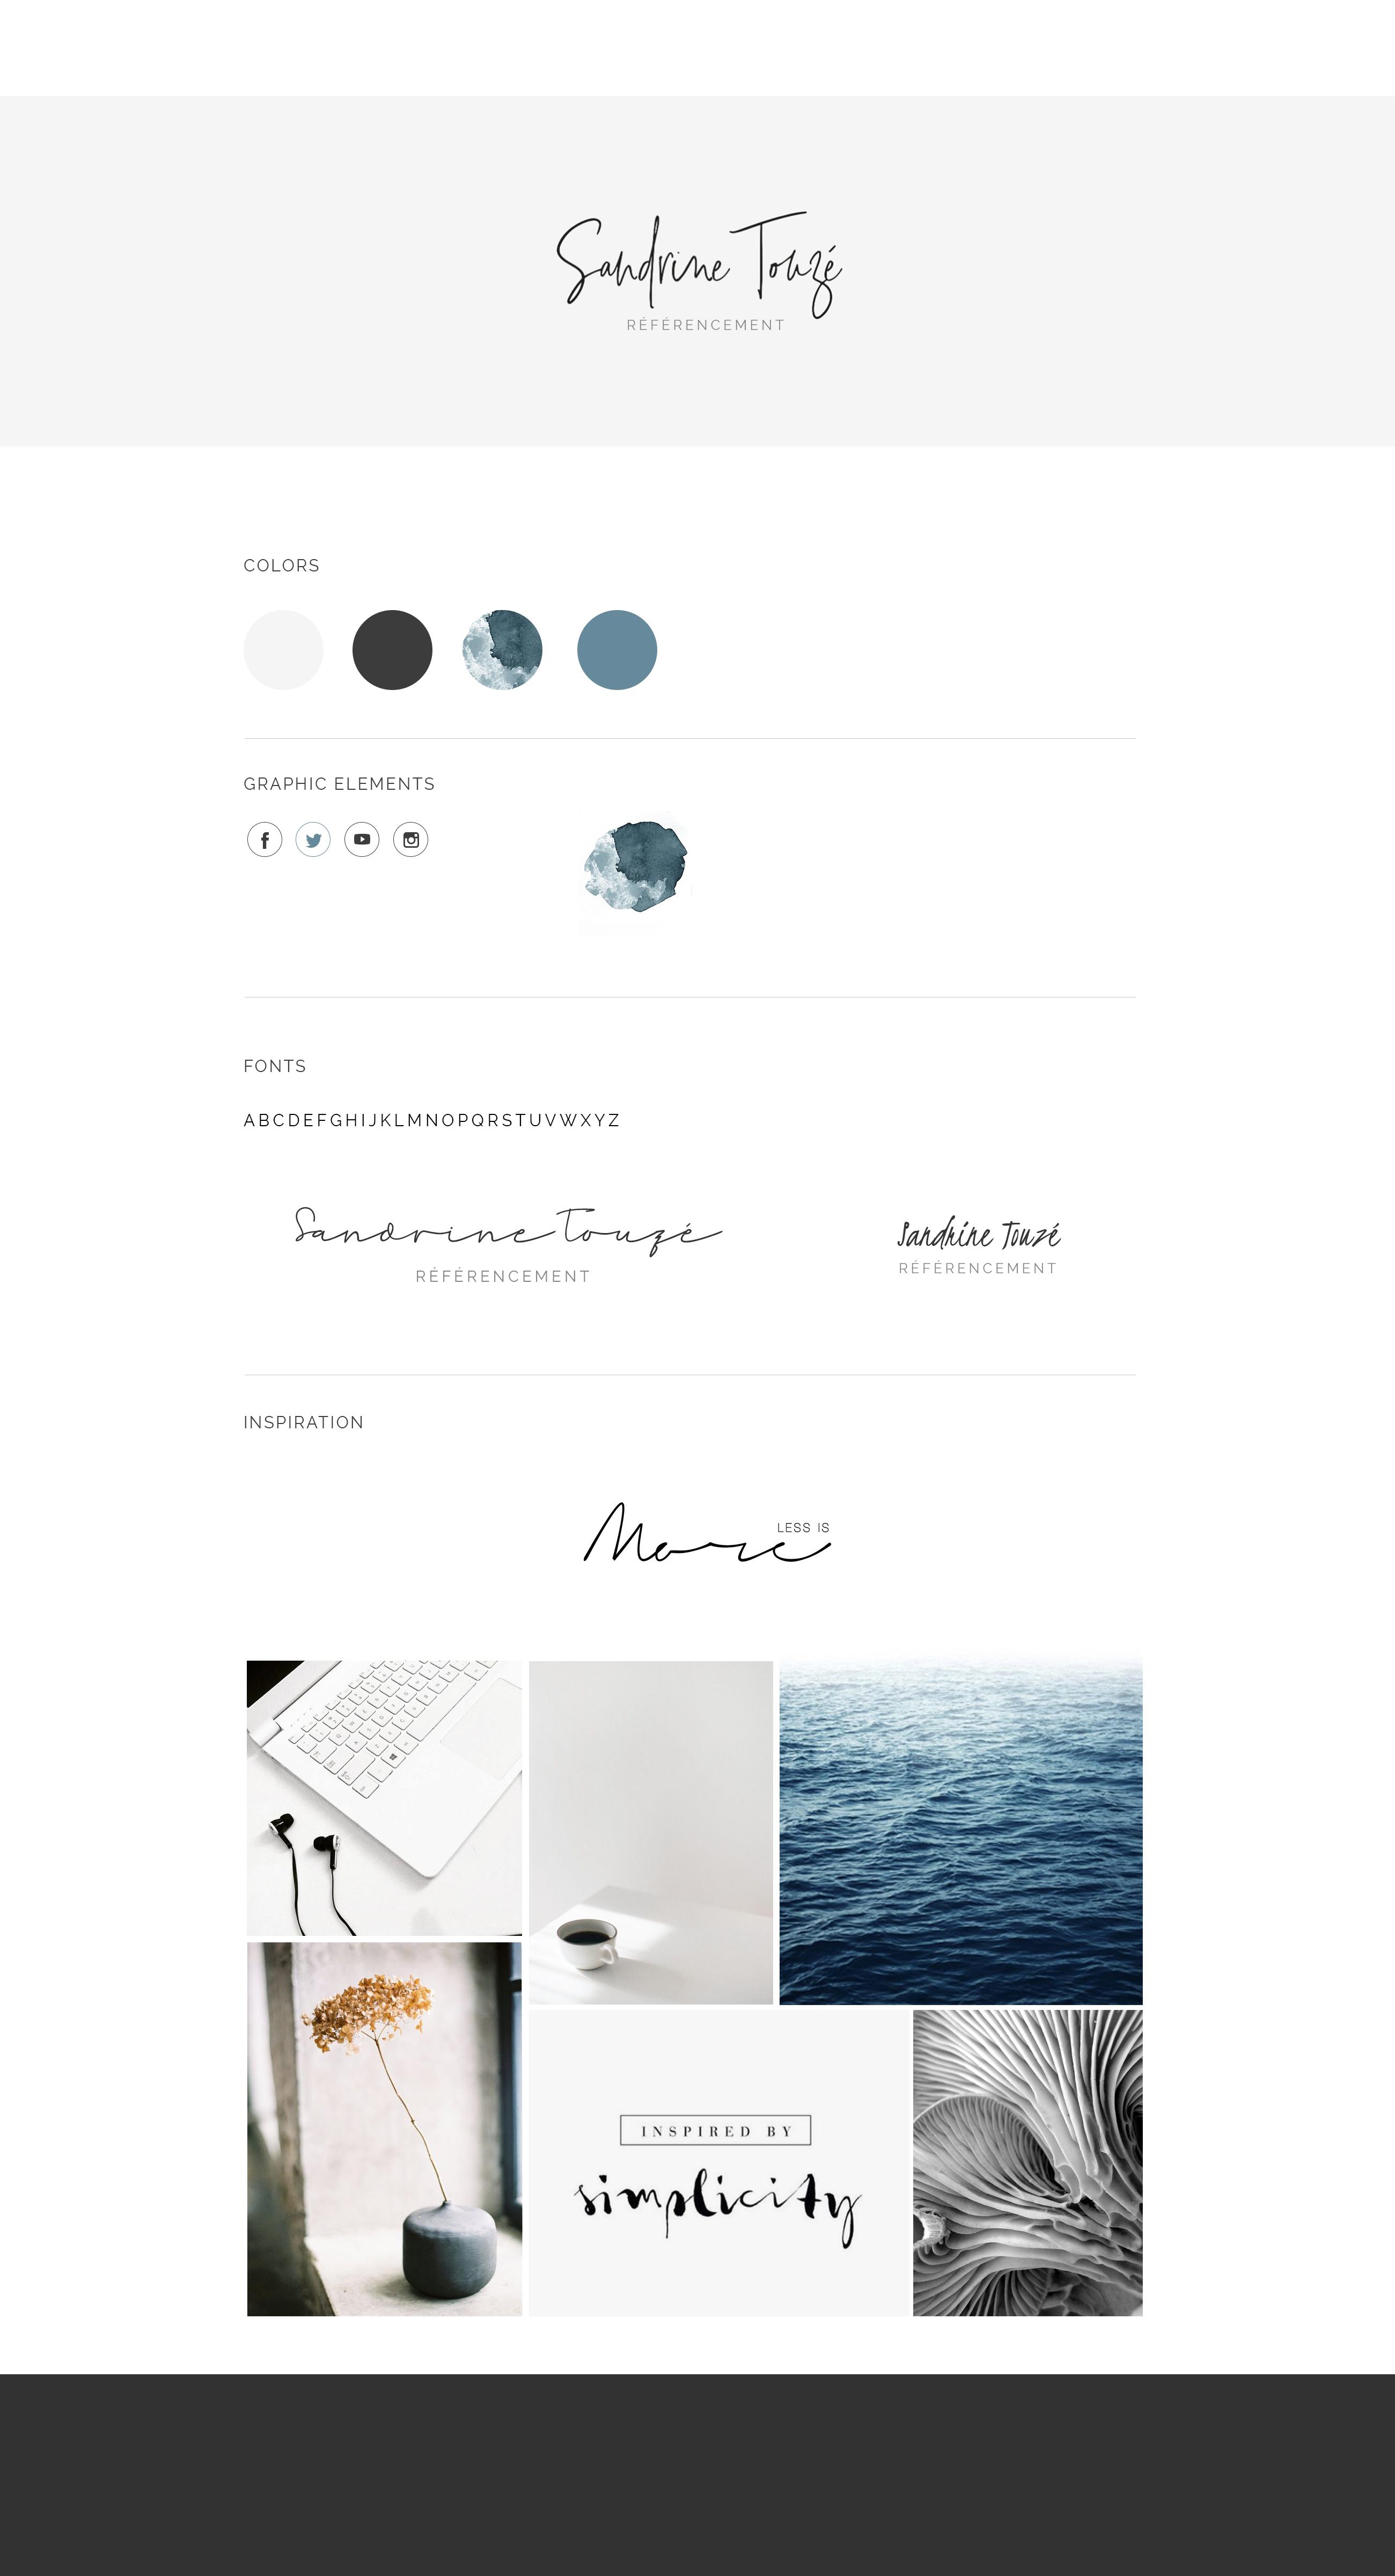 Création d'identité de marque pour Sandrine Touzé